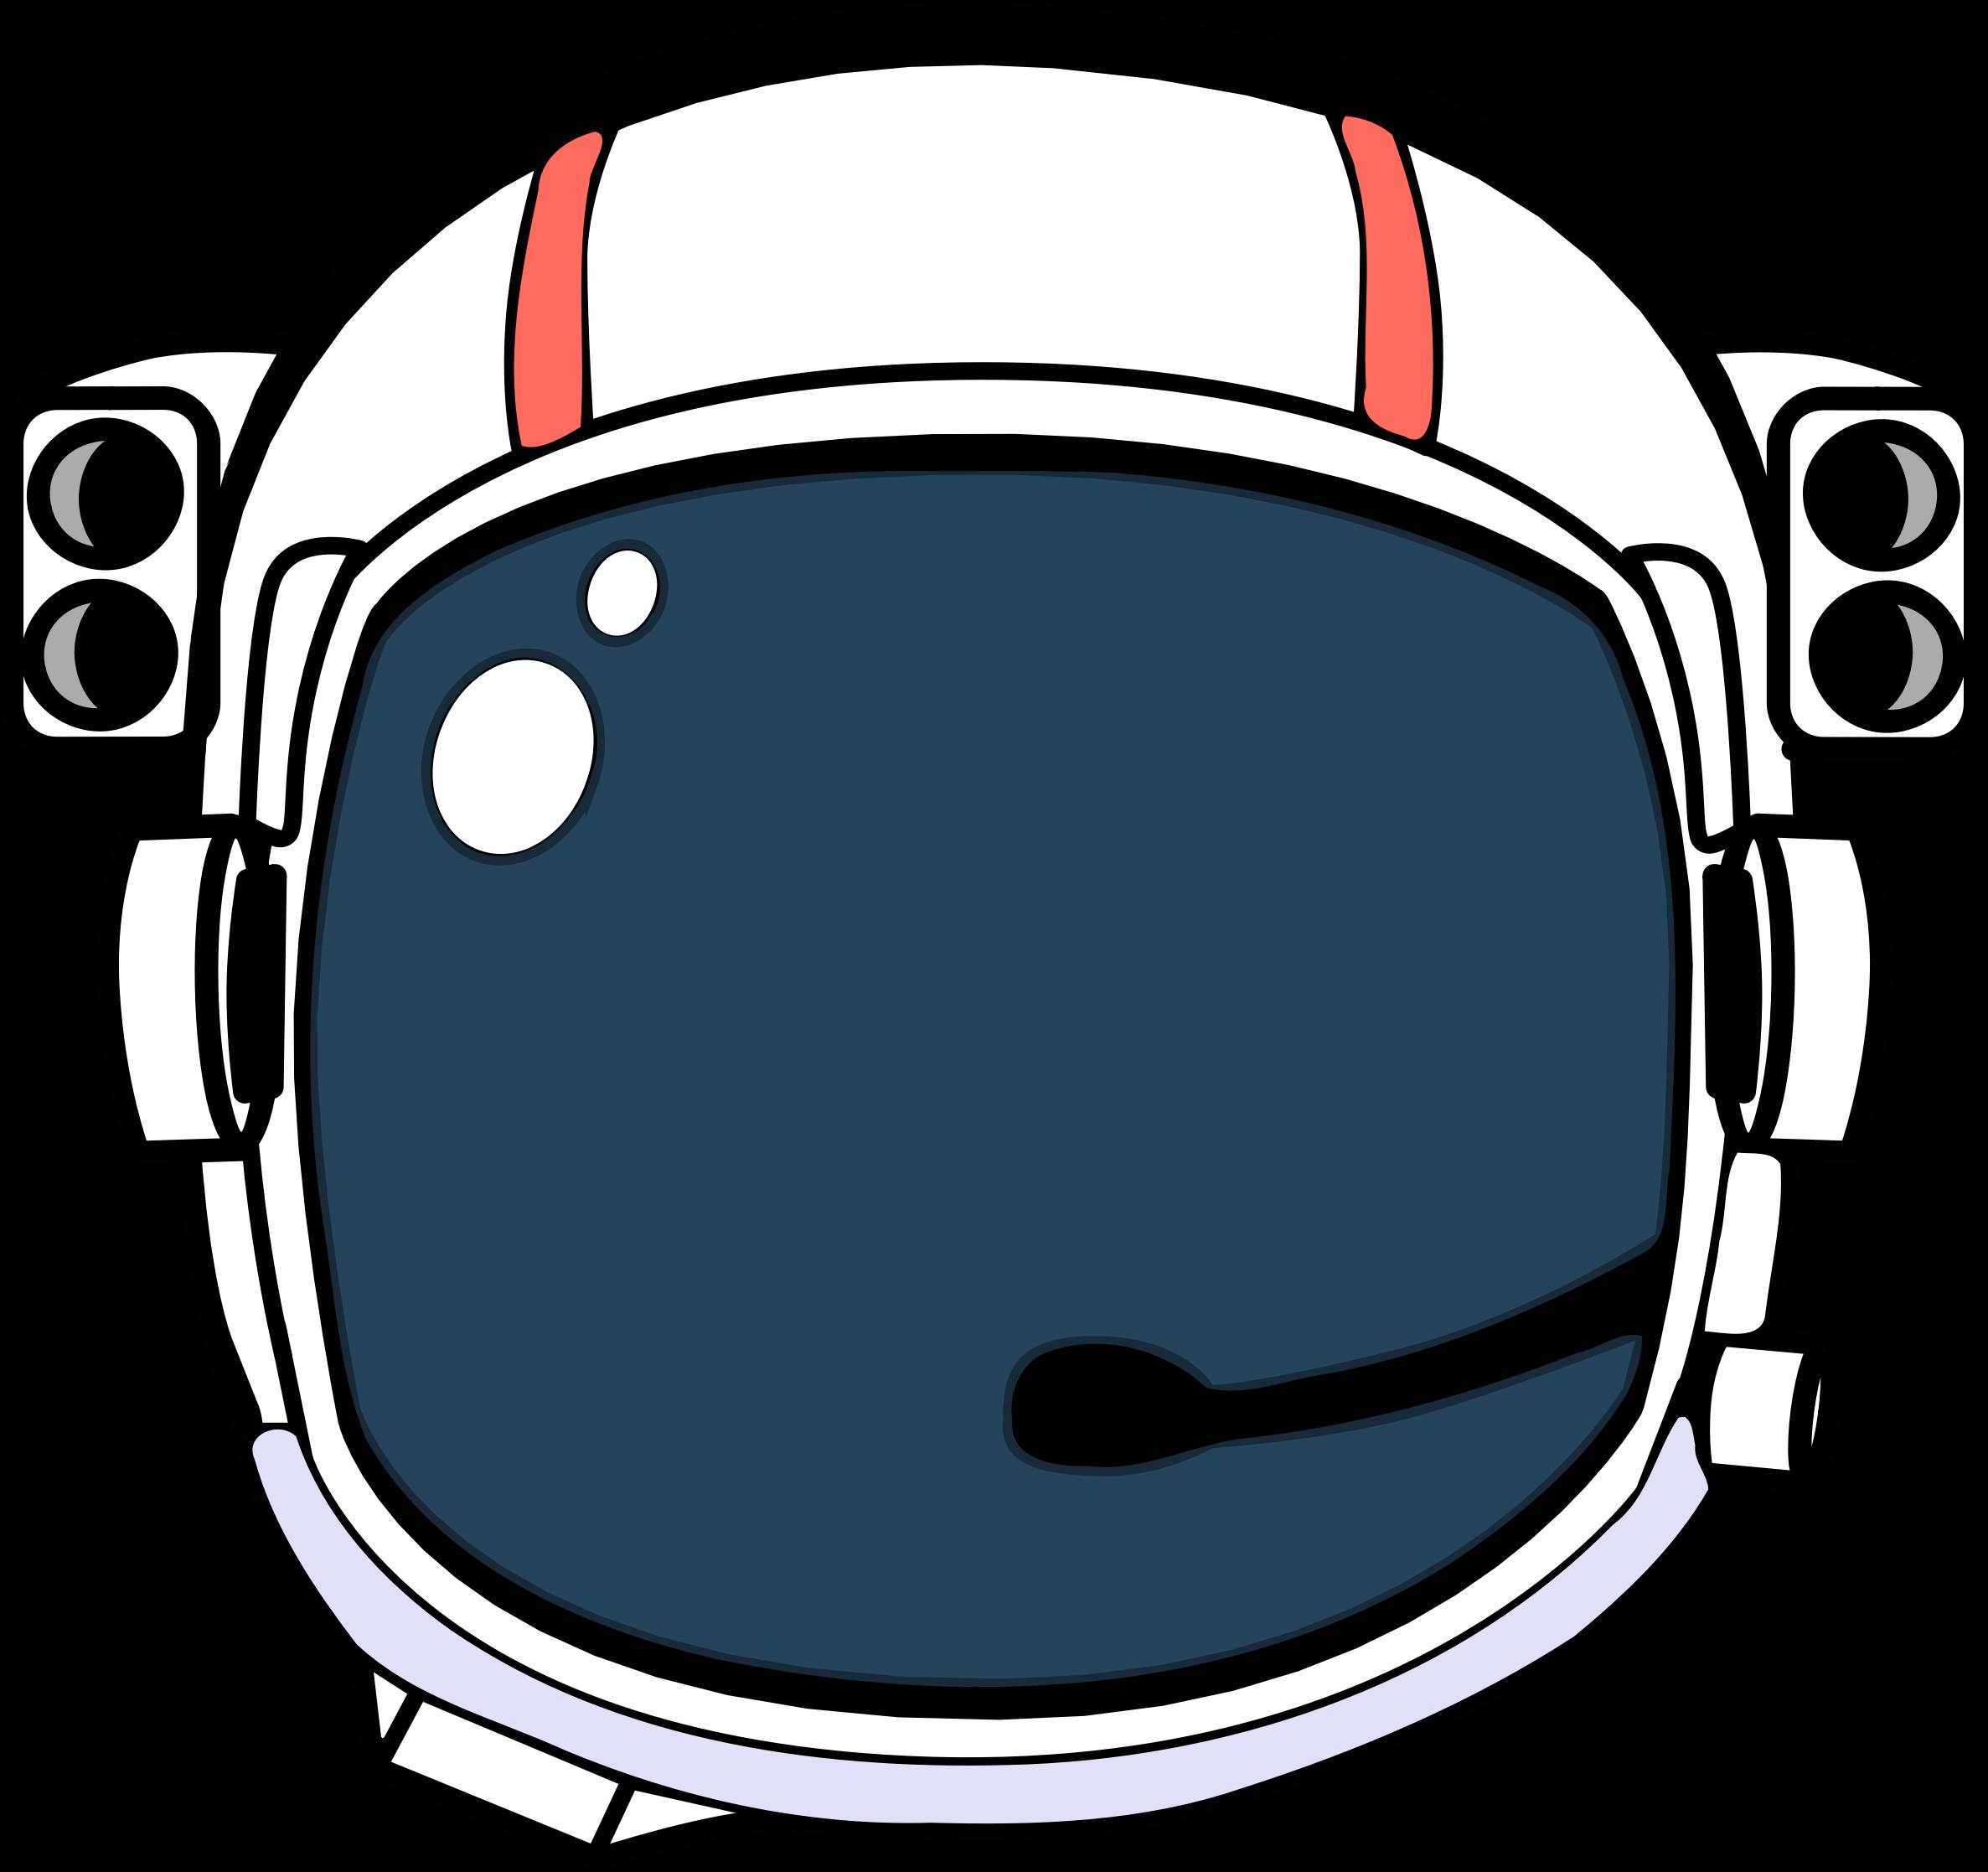 Space Helmet Astronaut Helmet Astronaut Astronaut Drawing